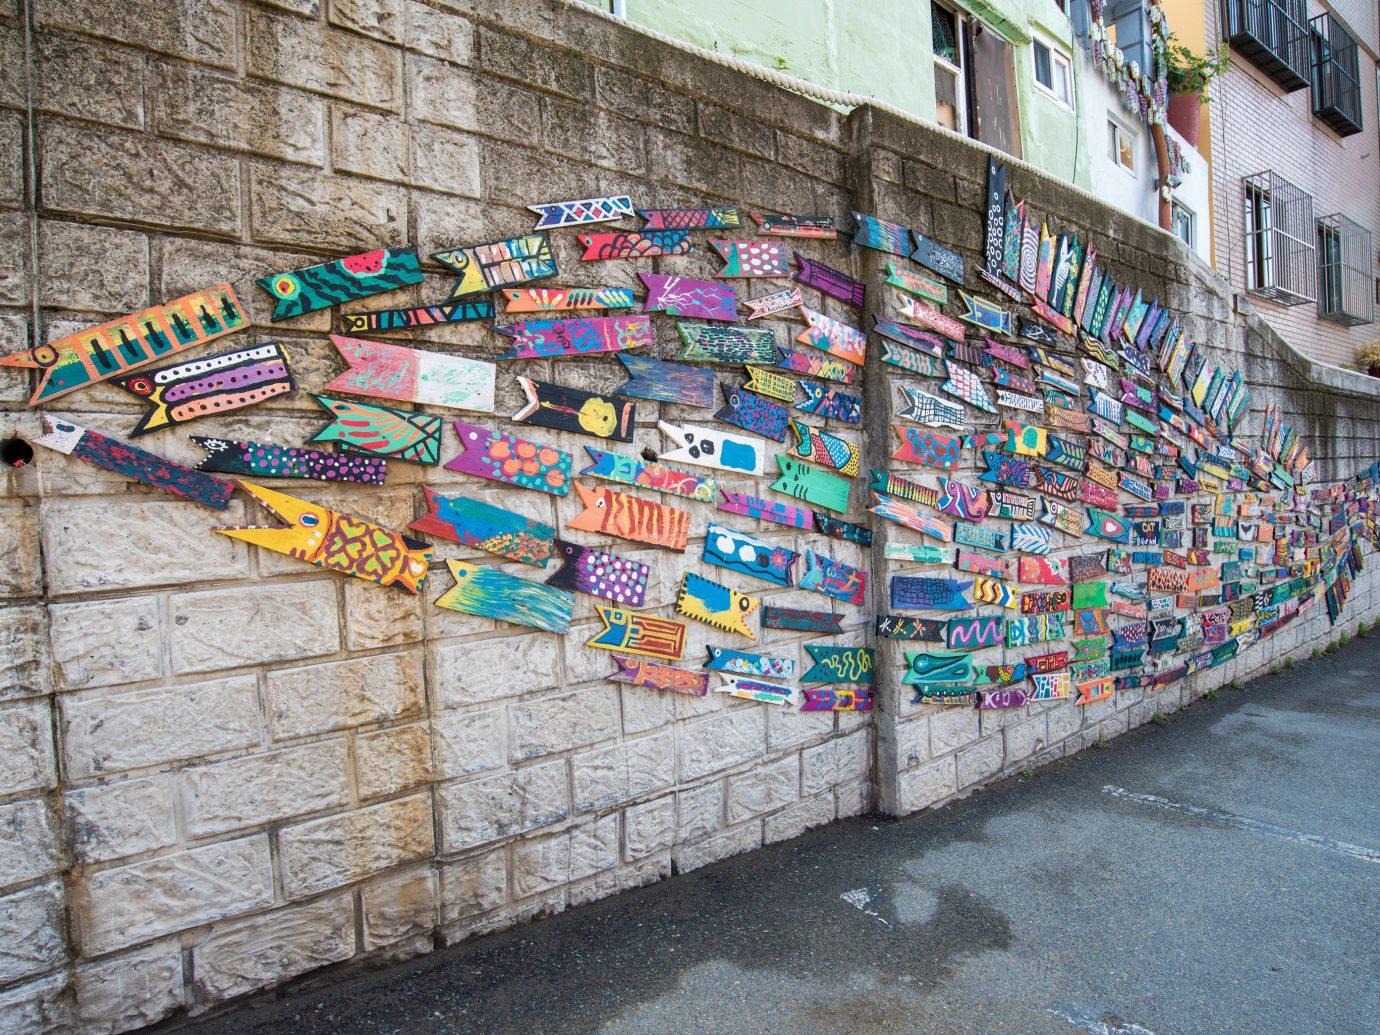 Trip Ideas wall graffiti street art neighbourhood art mural